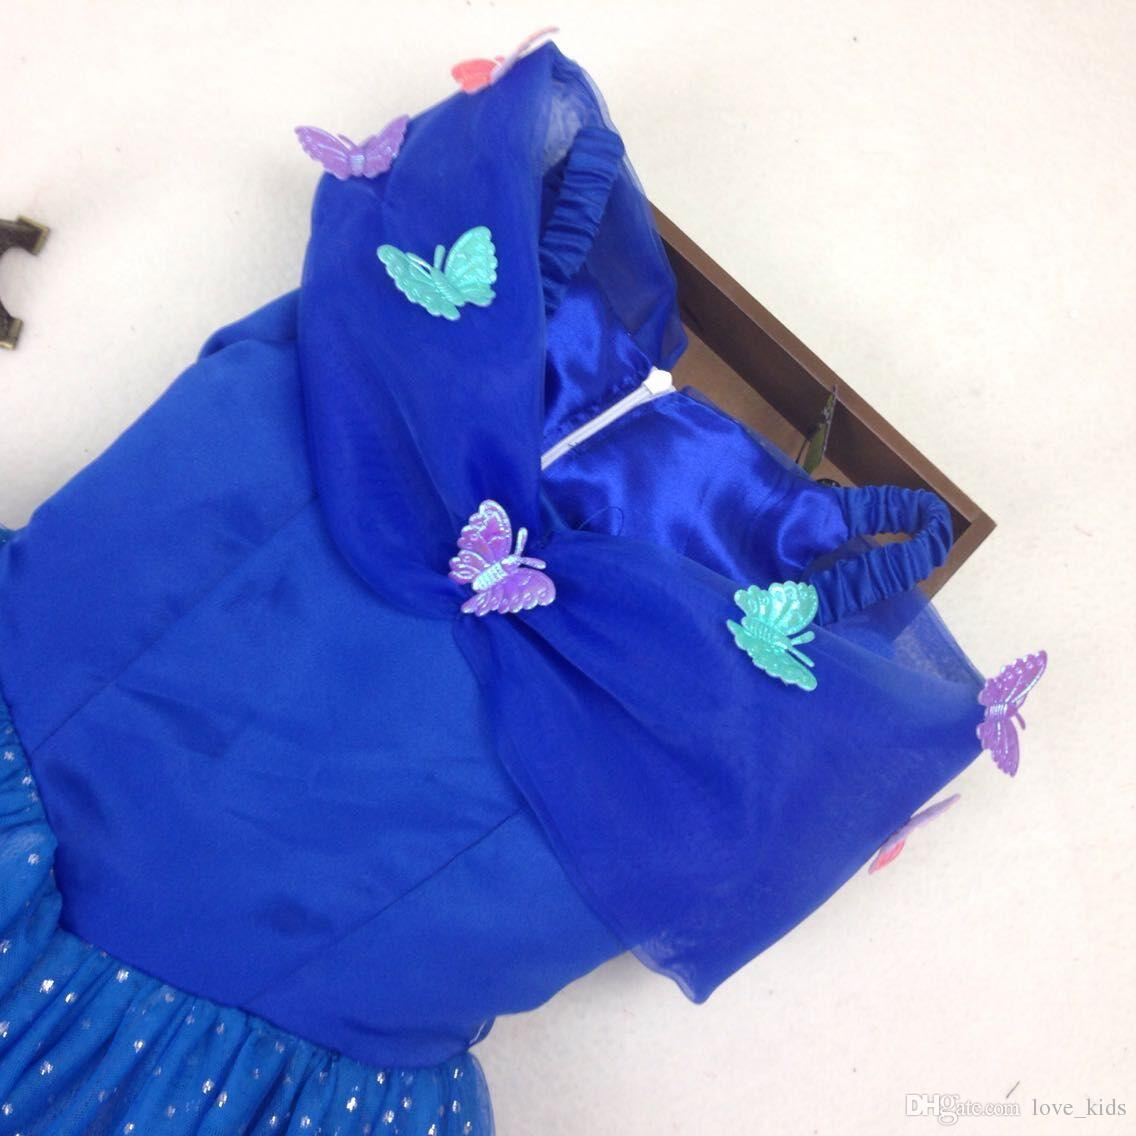 Mädchen Ballkleid Cinderella Mädchen Spitze Party Kleider neue Baby Mädchen Abendkleid Kinder Punkte Tutu Röcke mit Schmetterling Kinder Kleidung